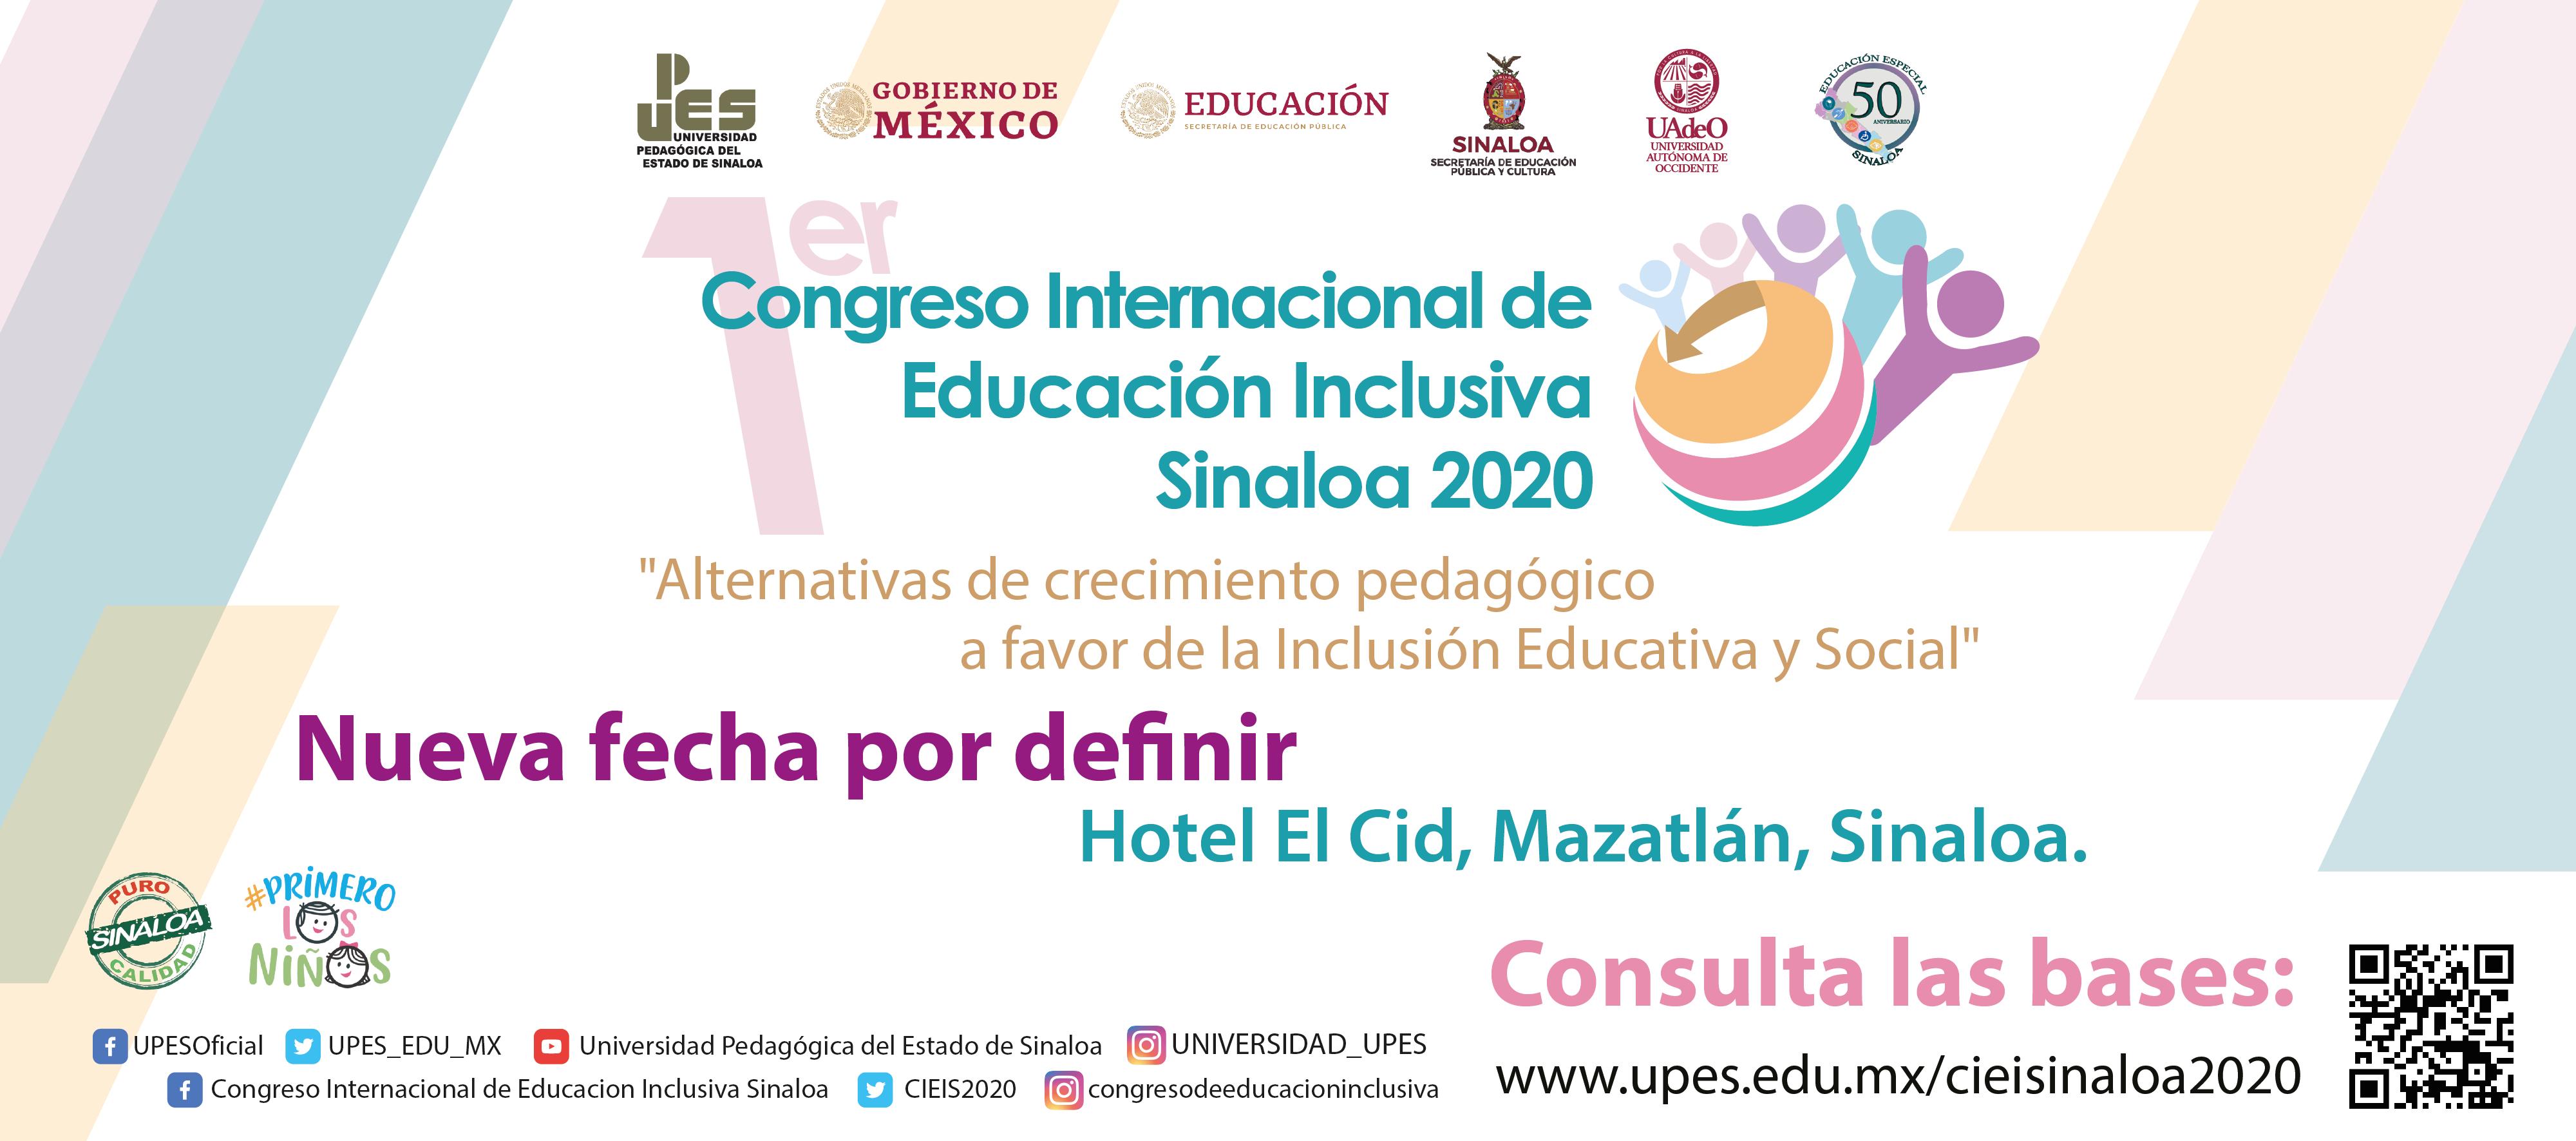 convocatoria-Introduccin-a-las-Licenciaturas-en-linea-2020-cs6_Banner-congreso-de-Educacin-inclusiva